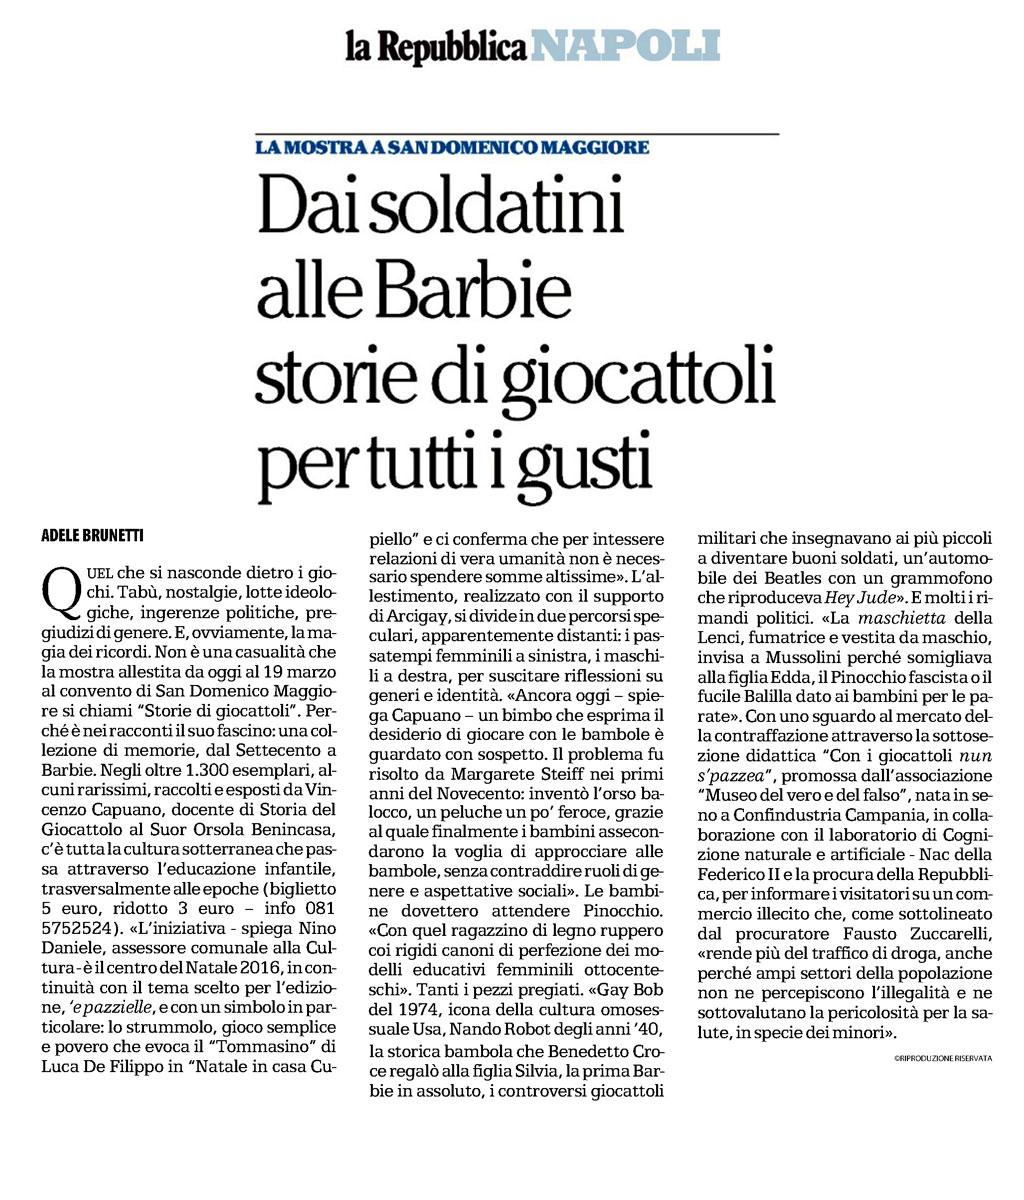 La Repubblica | Museo del Vero e del Falso